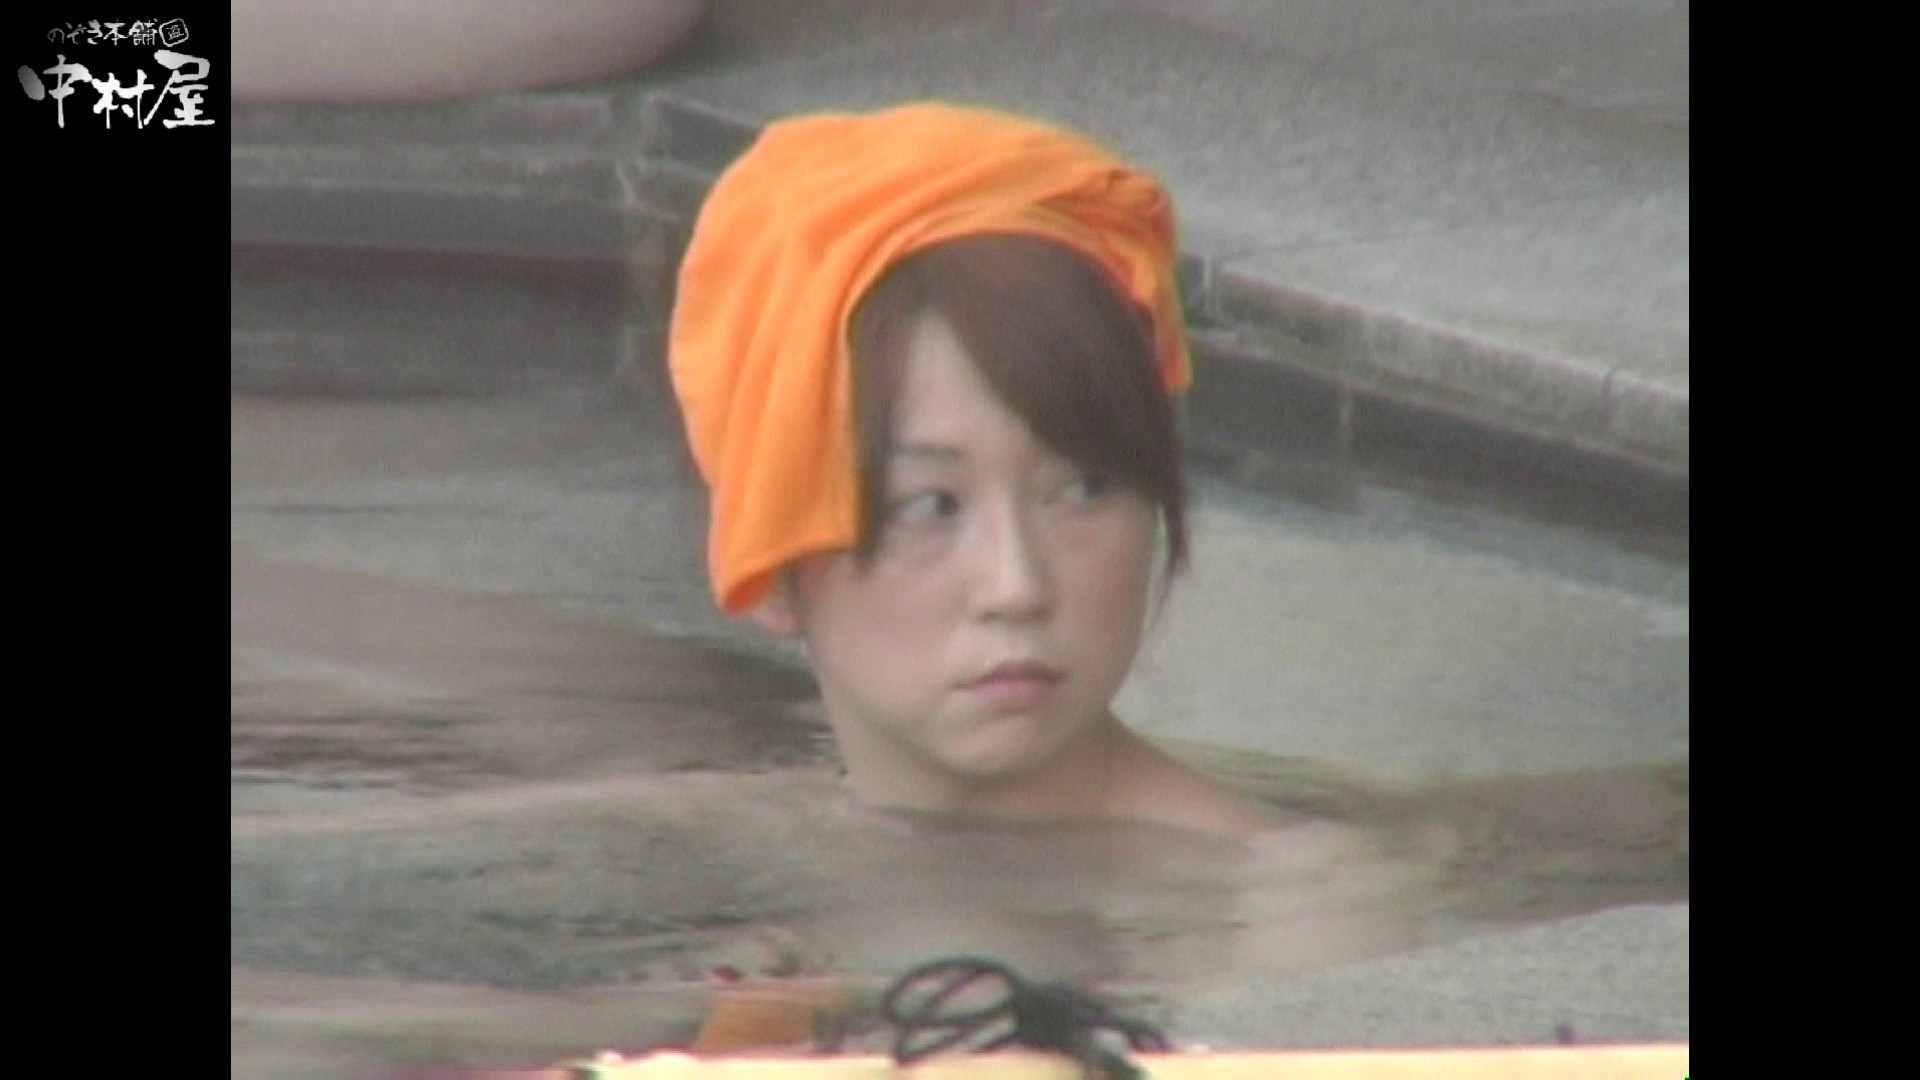 Aquaな露天風呂Vol.941 美しいOLの裸体 アダルト動画キャプチャ 76pic 38